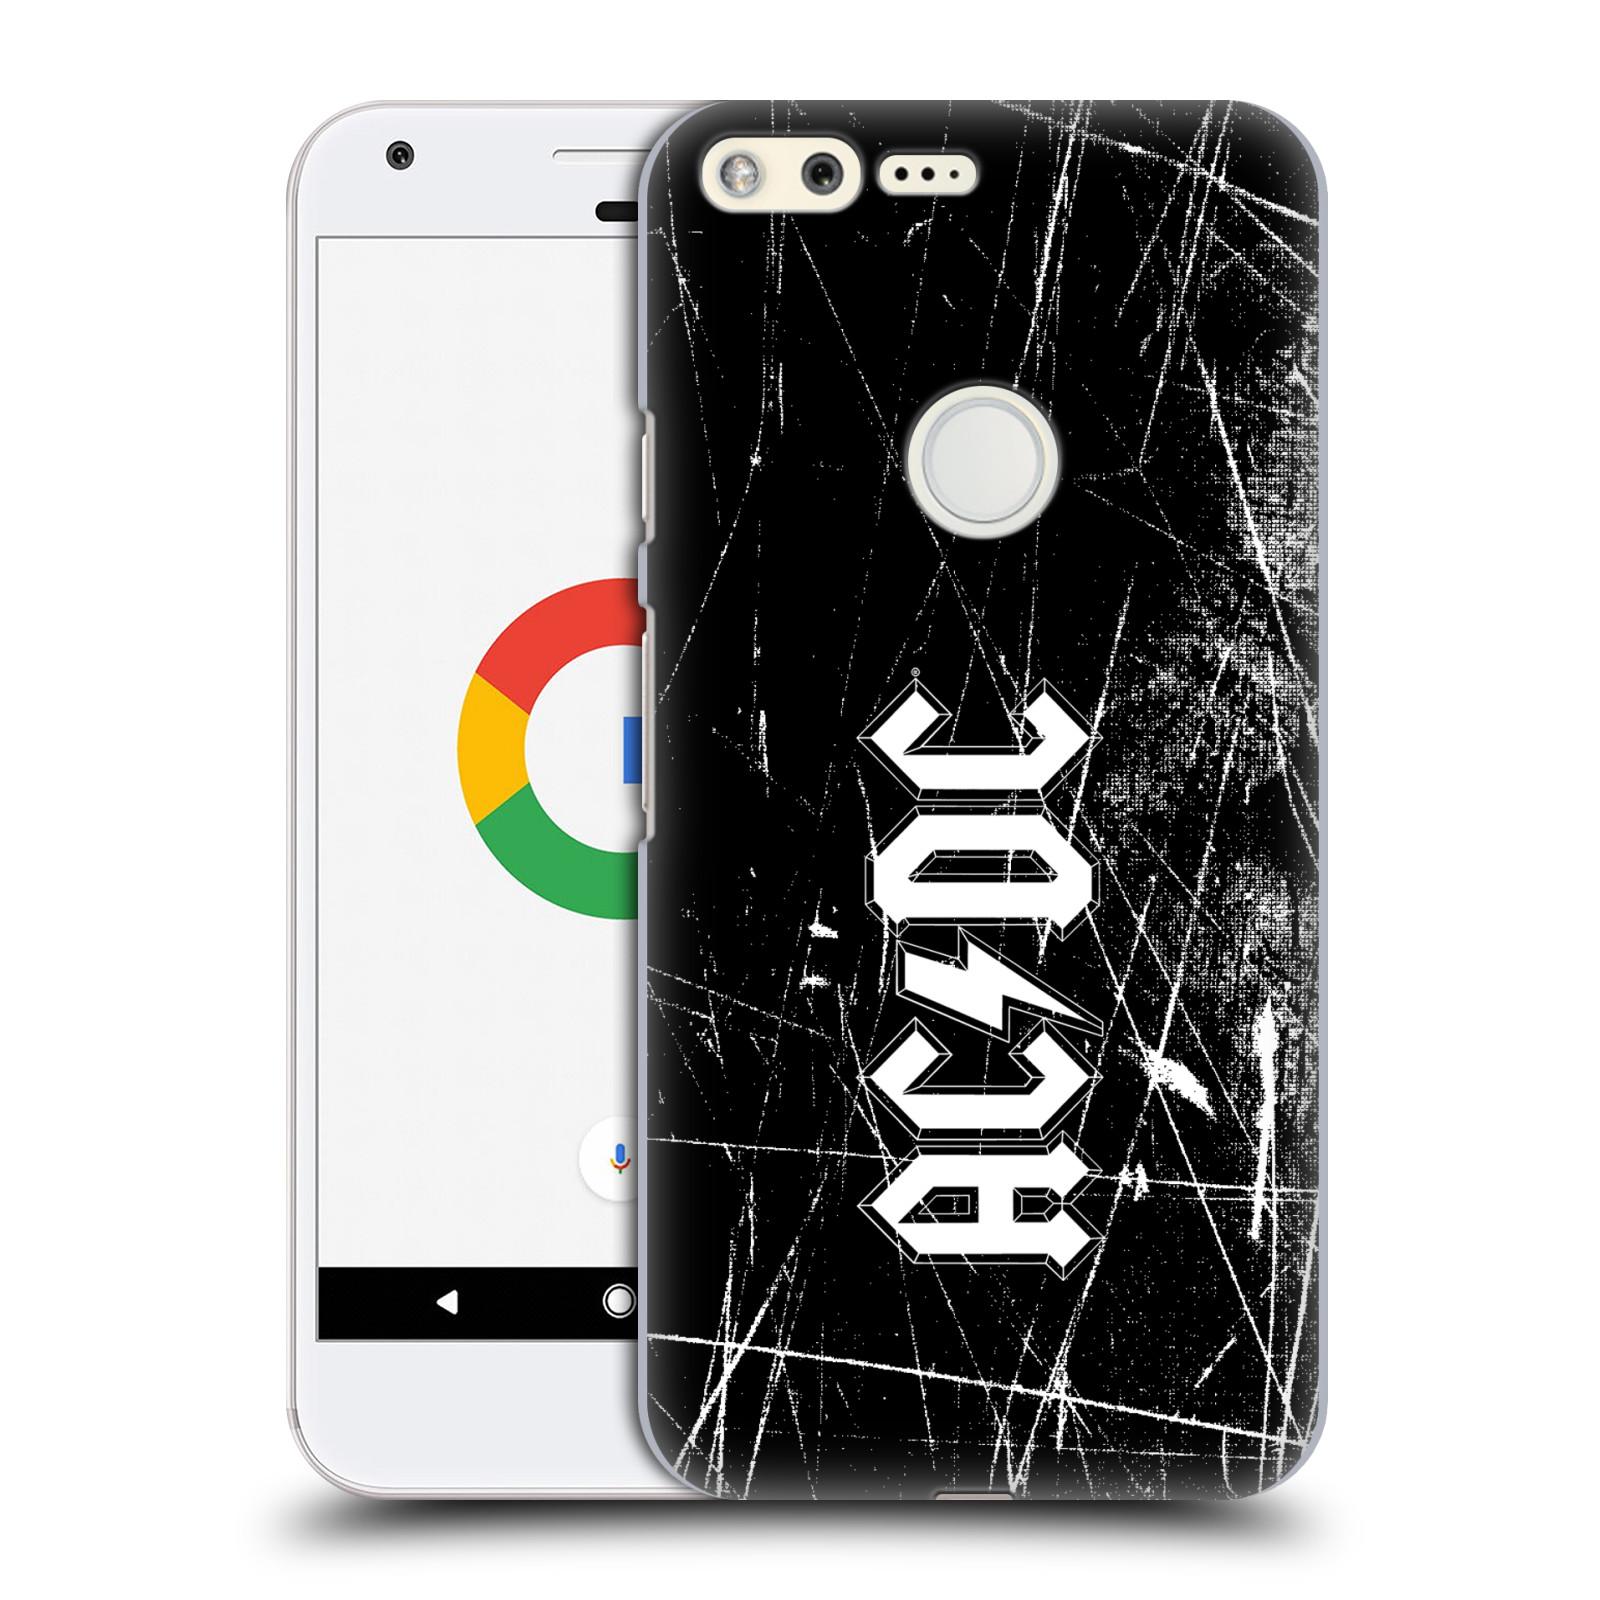 Plastové pouzdro na mobil Google Pixel HEAD CASE AC/DC Černobílé logo